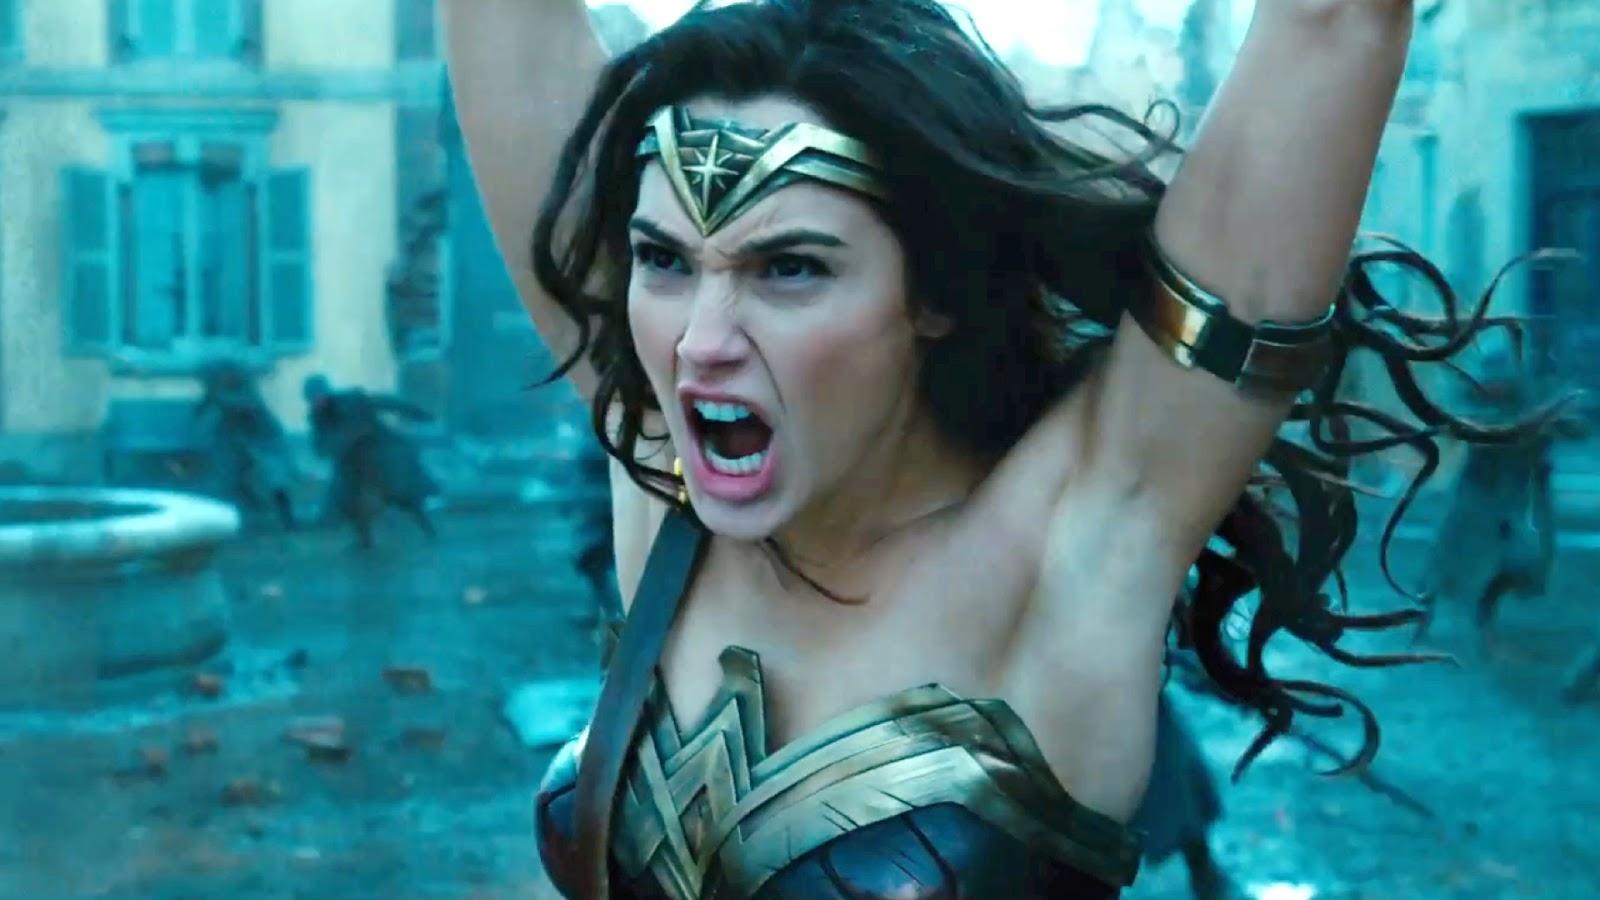 #6) Wonder Woman(+3) - (2017 - dir. Patty Jenkins)